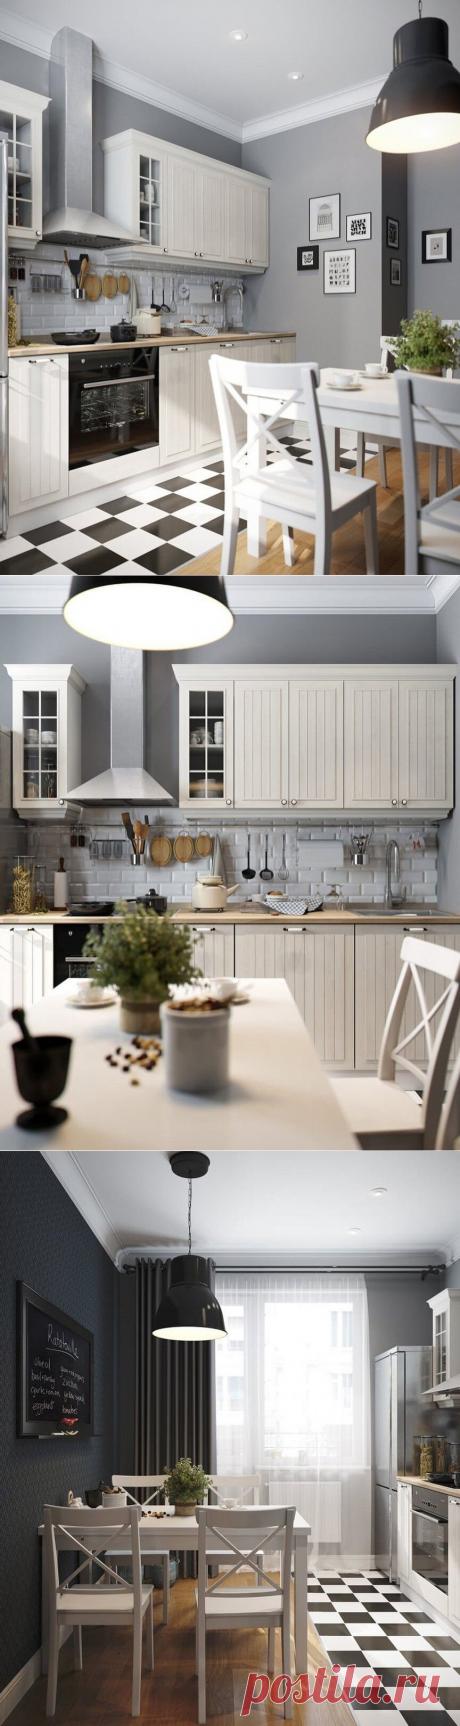 Отличная кухня с очень уютным и домашним интерьером, а также грамотным функционалом. Но всё ли так хорошо, как кажется?   DESIGNER   Яндекс Дзен